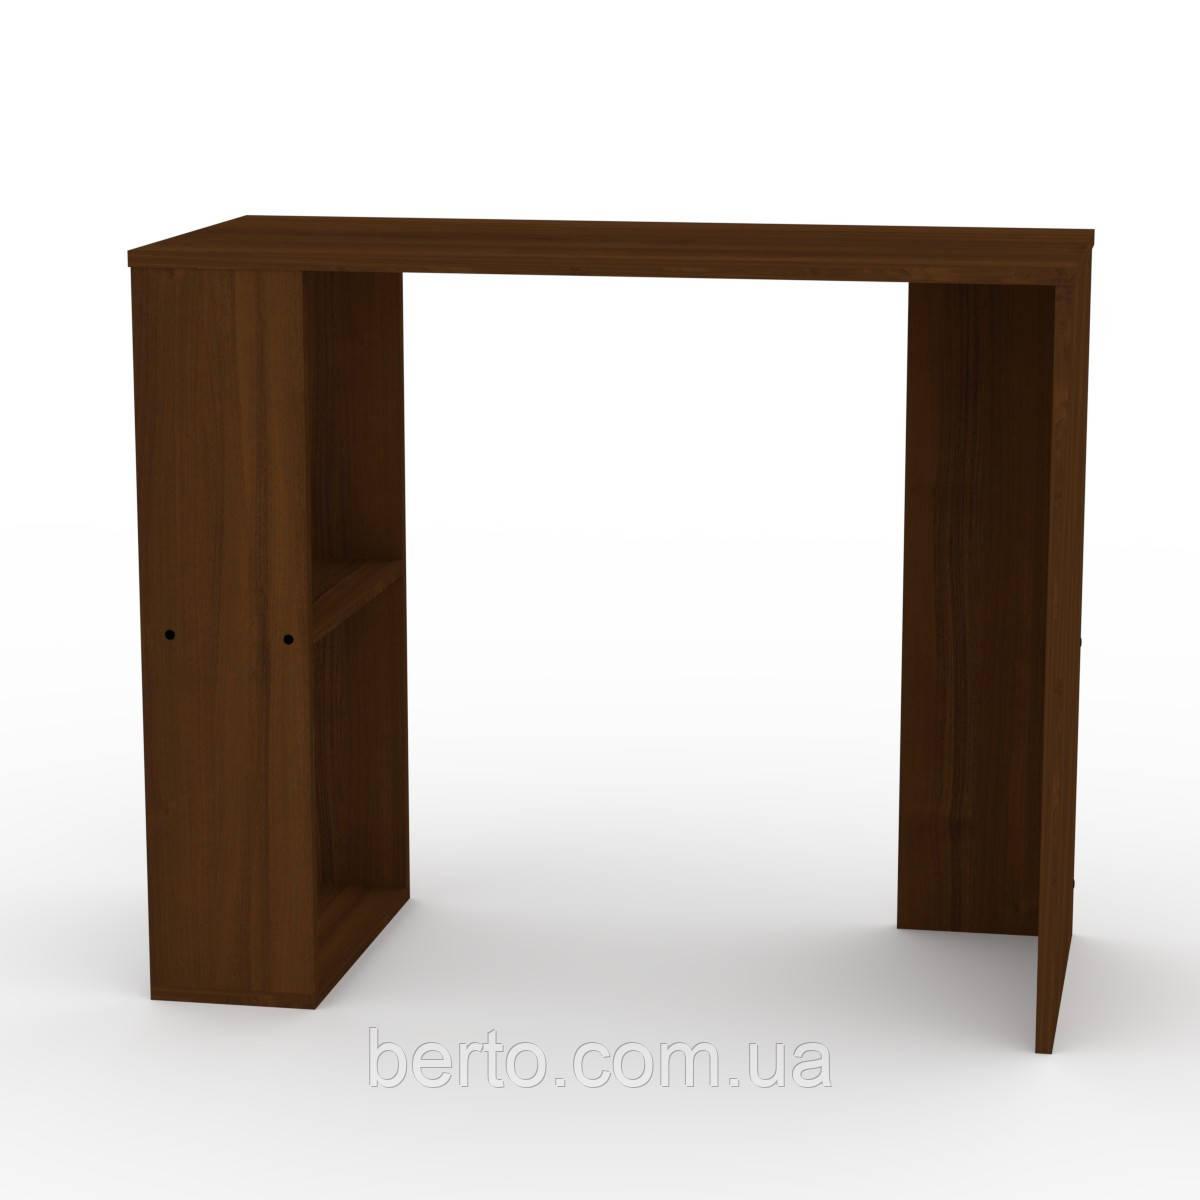 """Стол для детей """"Юниор-2"""" Компанит 900*400 см"""